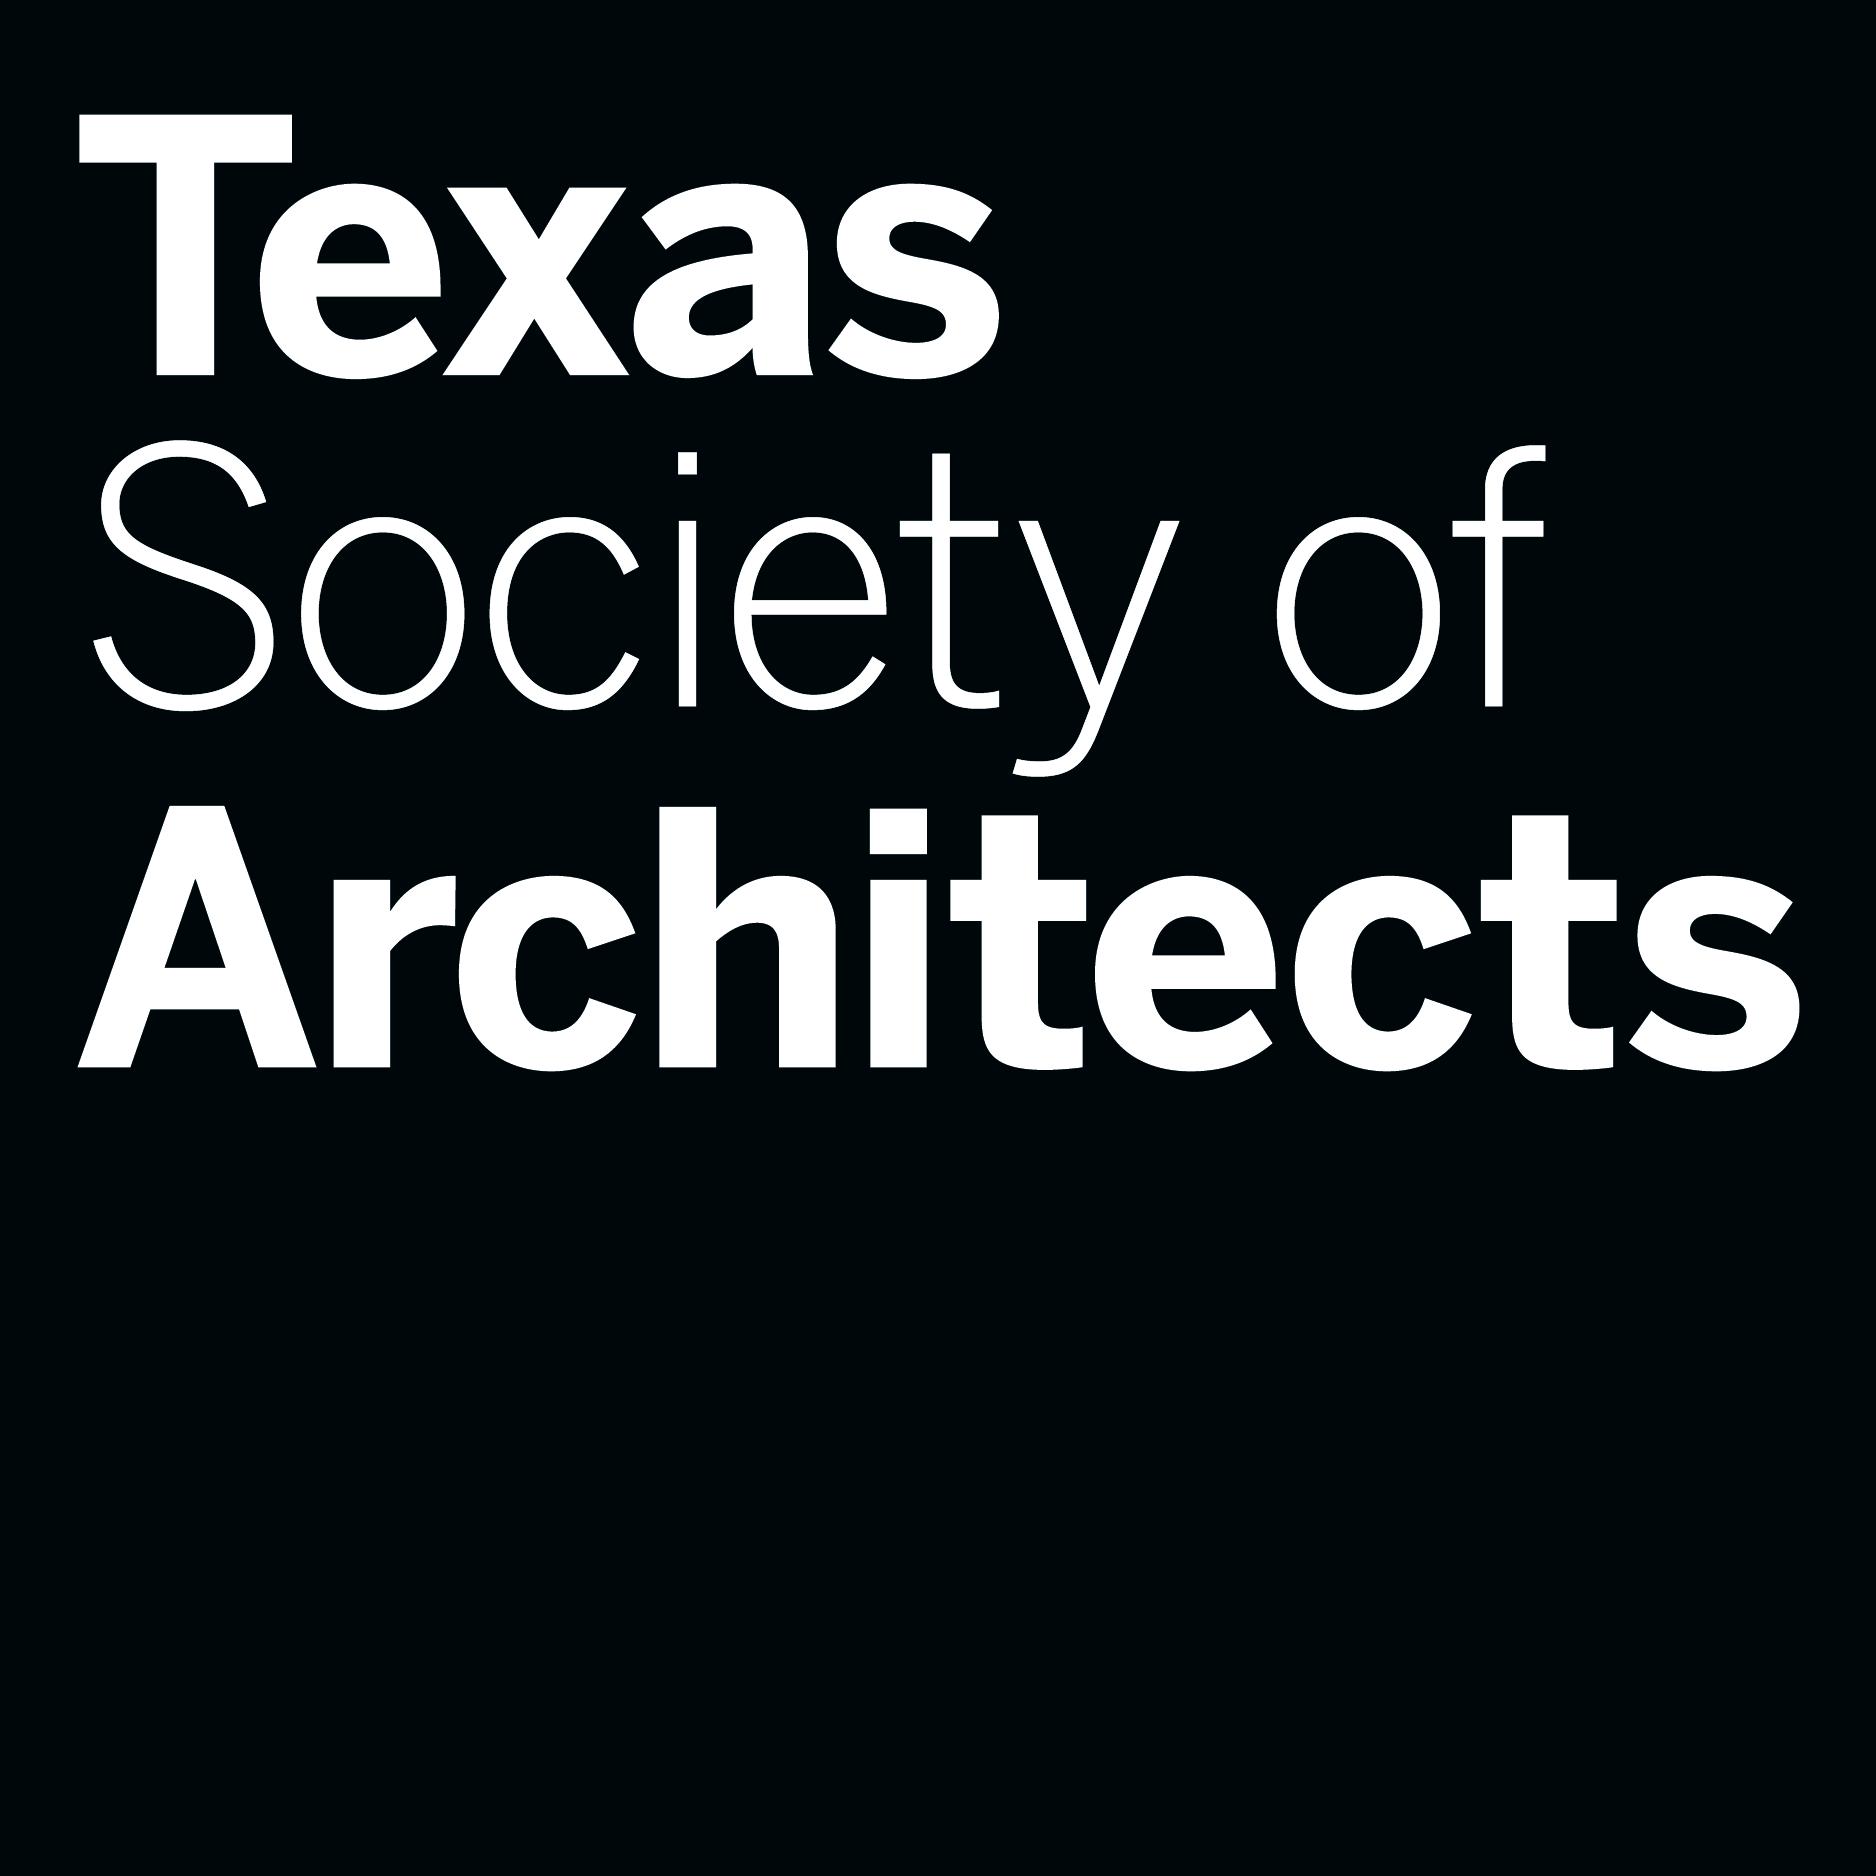 TsA Logo.png